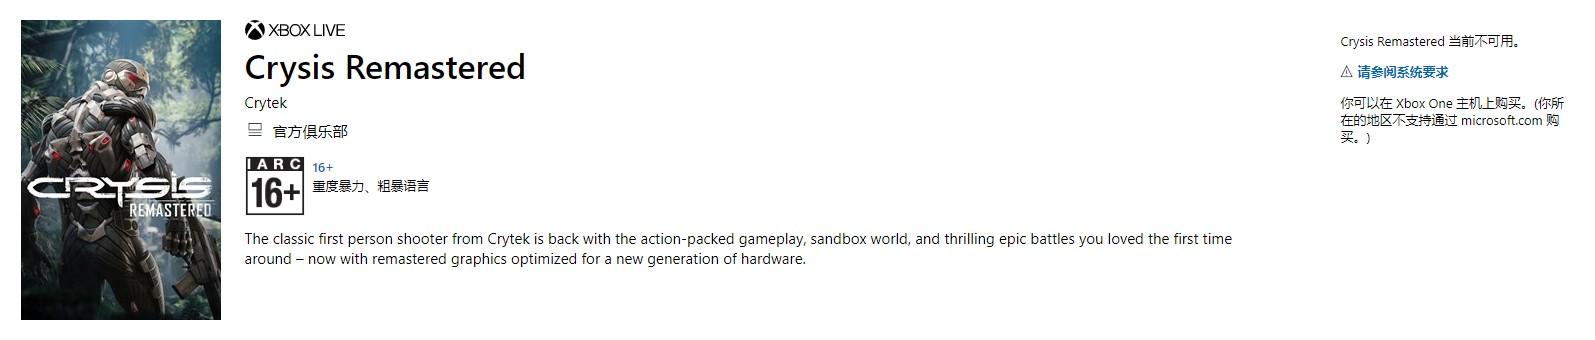 《孤岛危机:复刻版》游戏实机预告公开 微软商店泄露